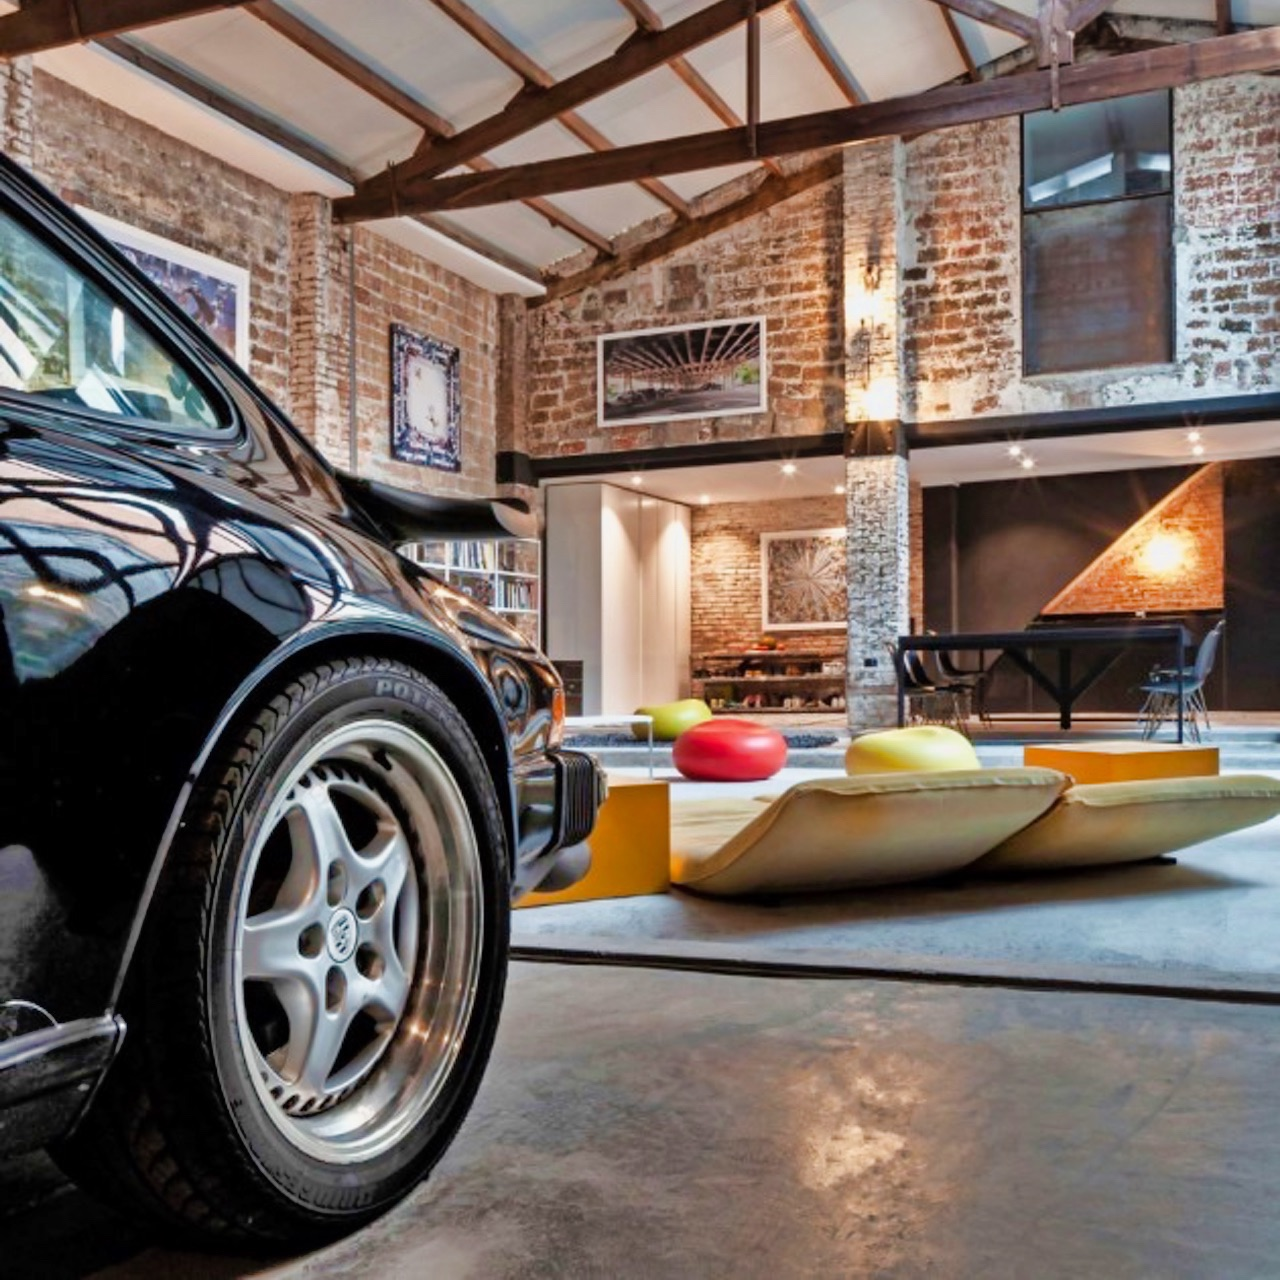 La classe dans mon garage ou dans mon salon #2...! 9